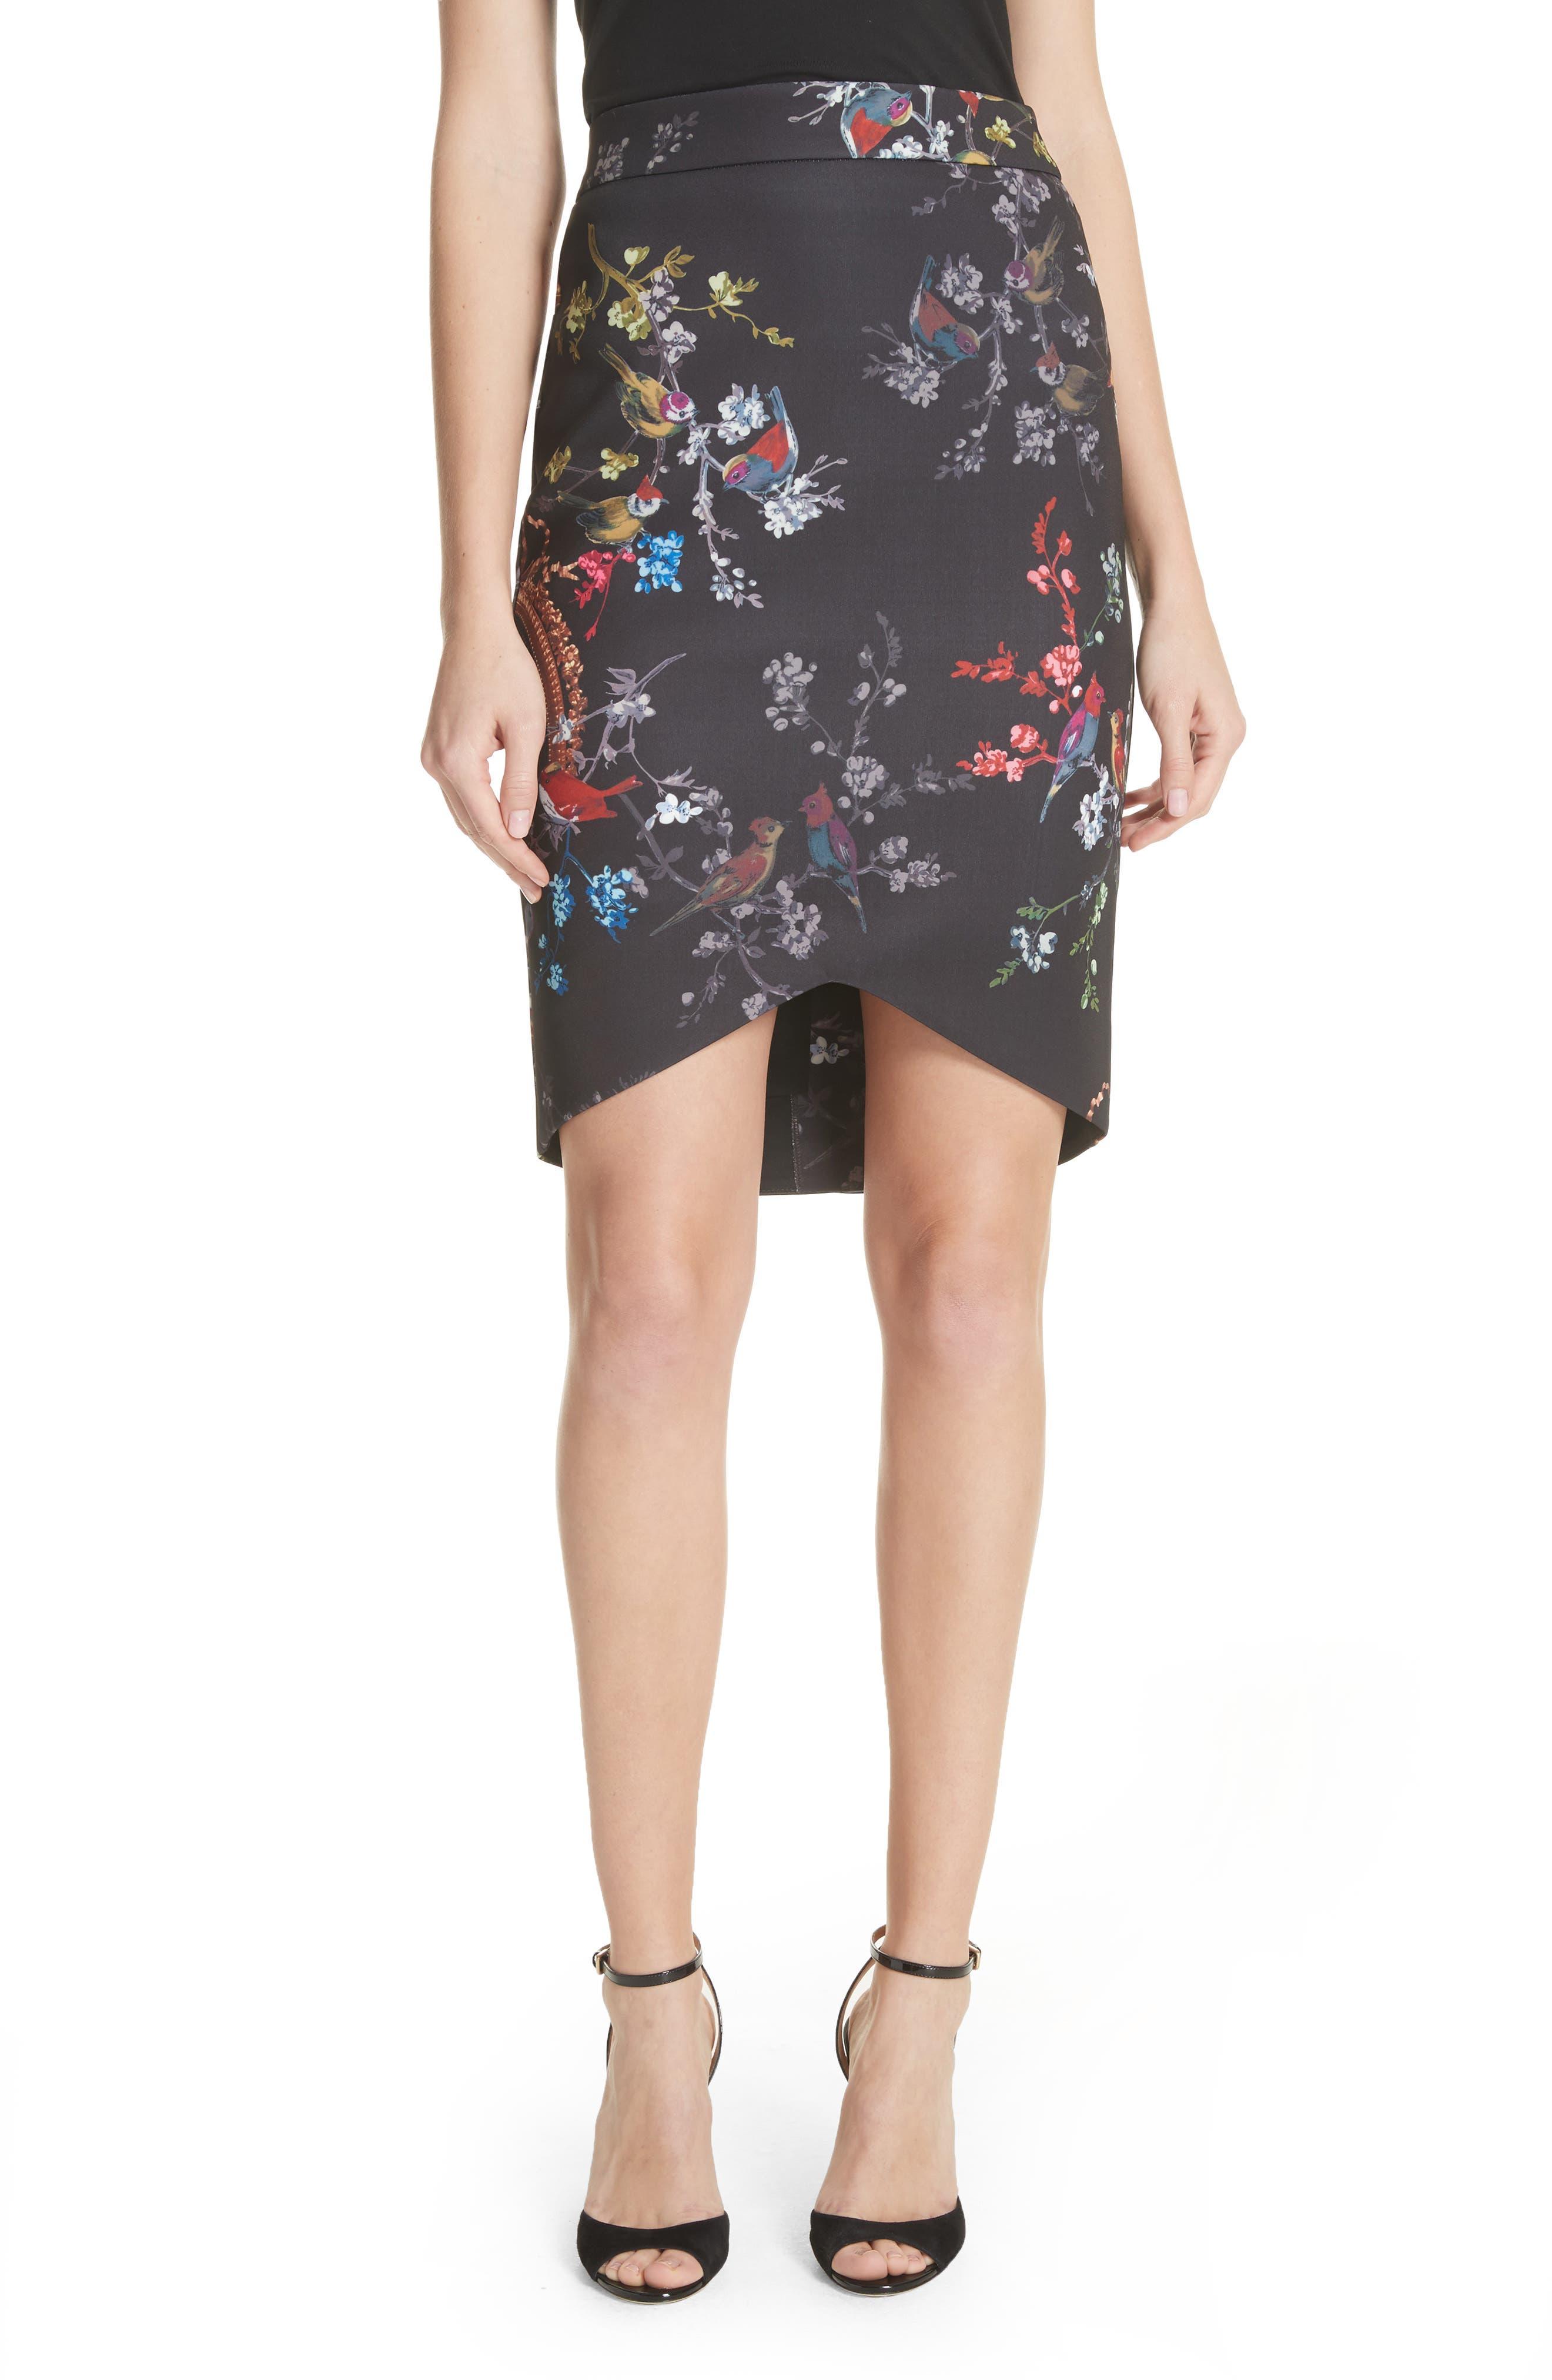 Ted Baker London Opulent Fauna Pencil Skirt